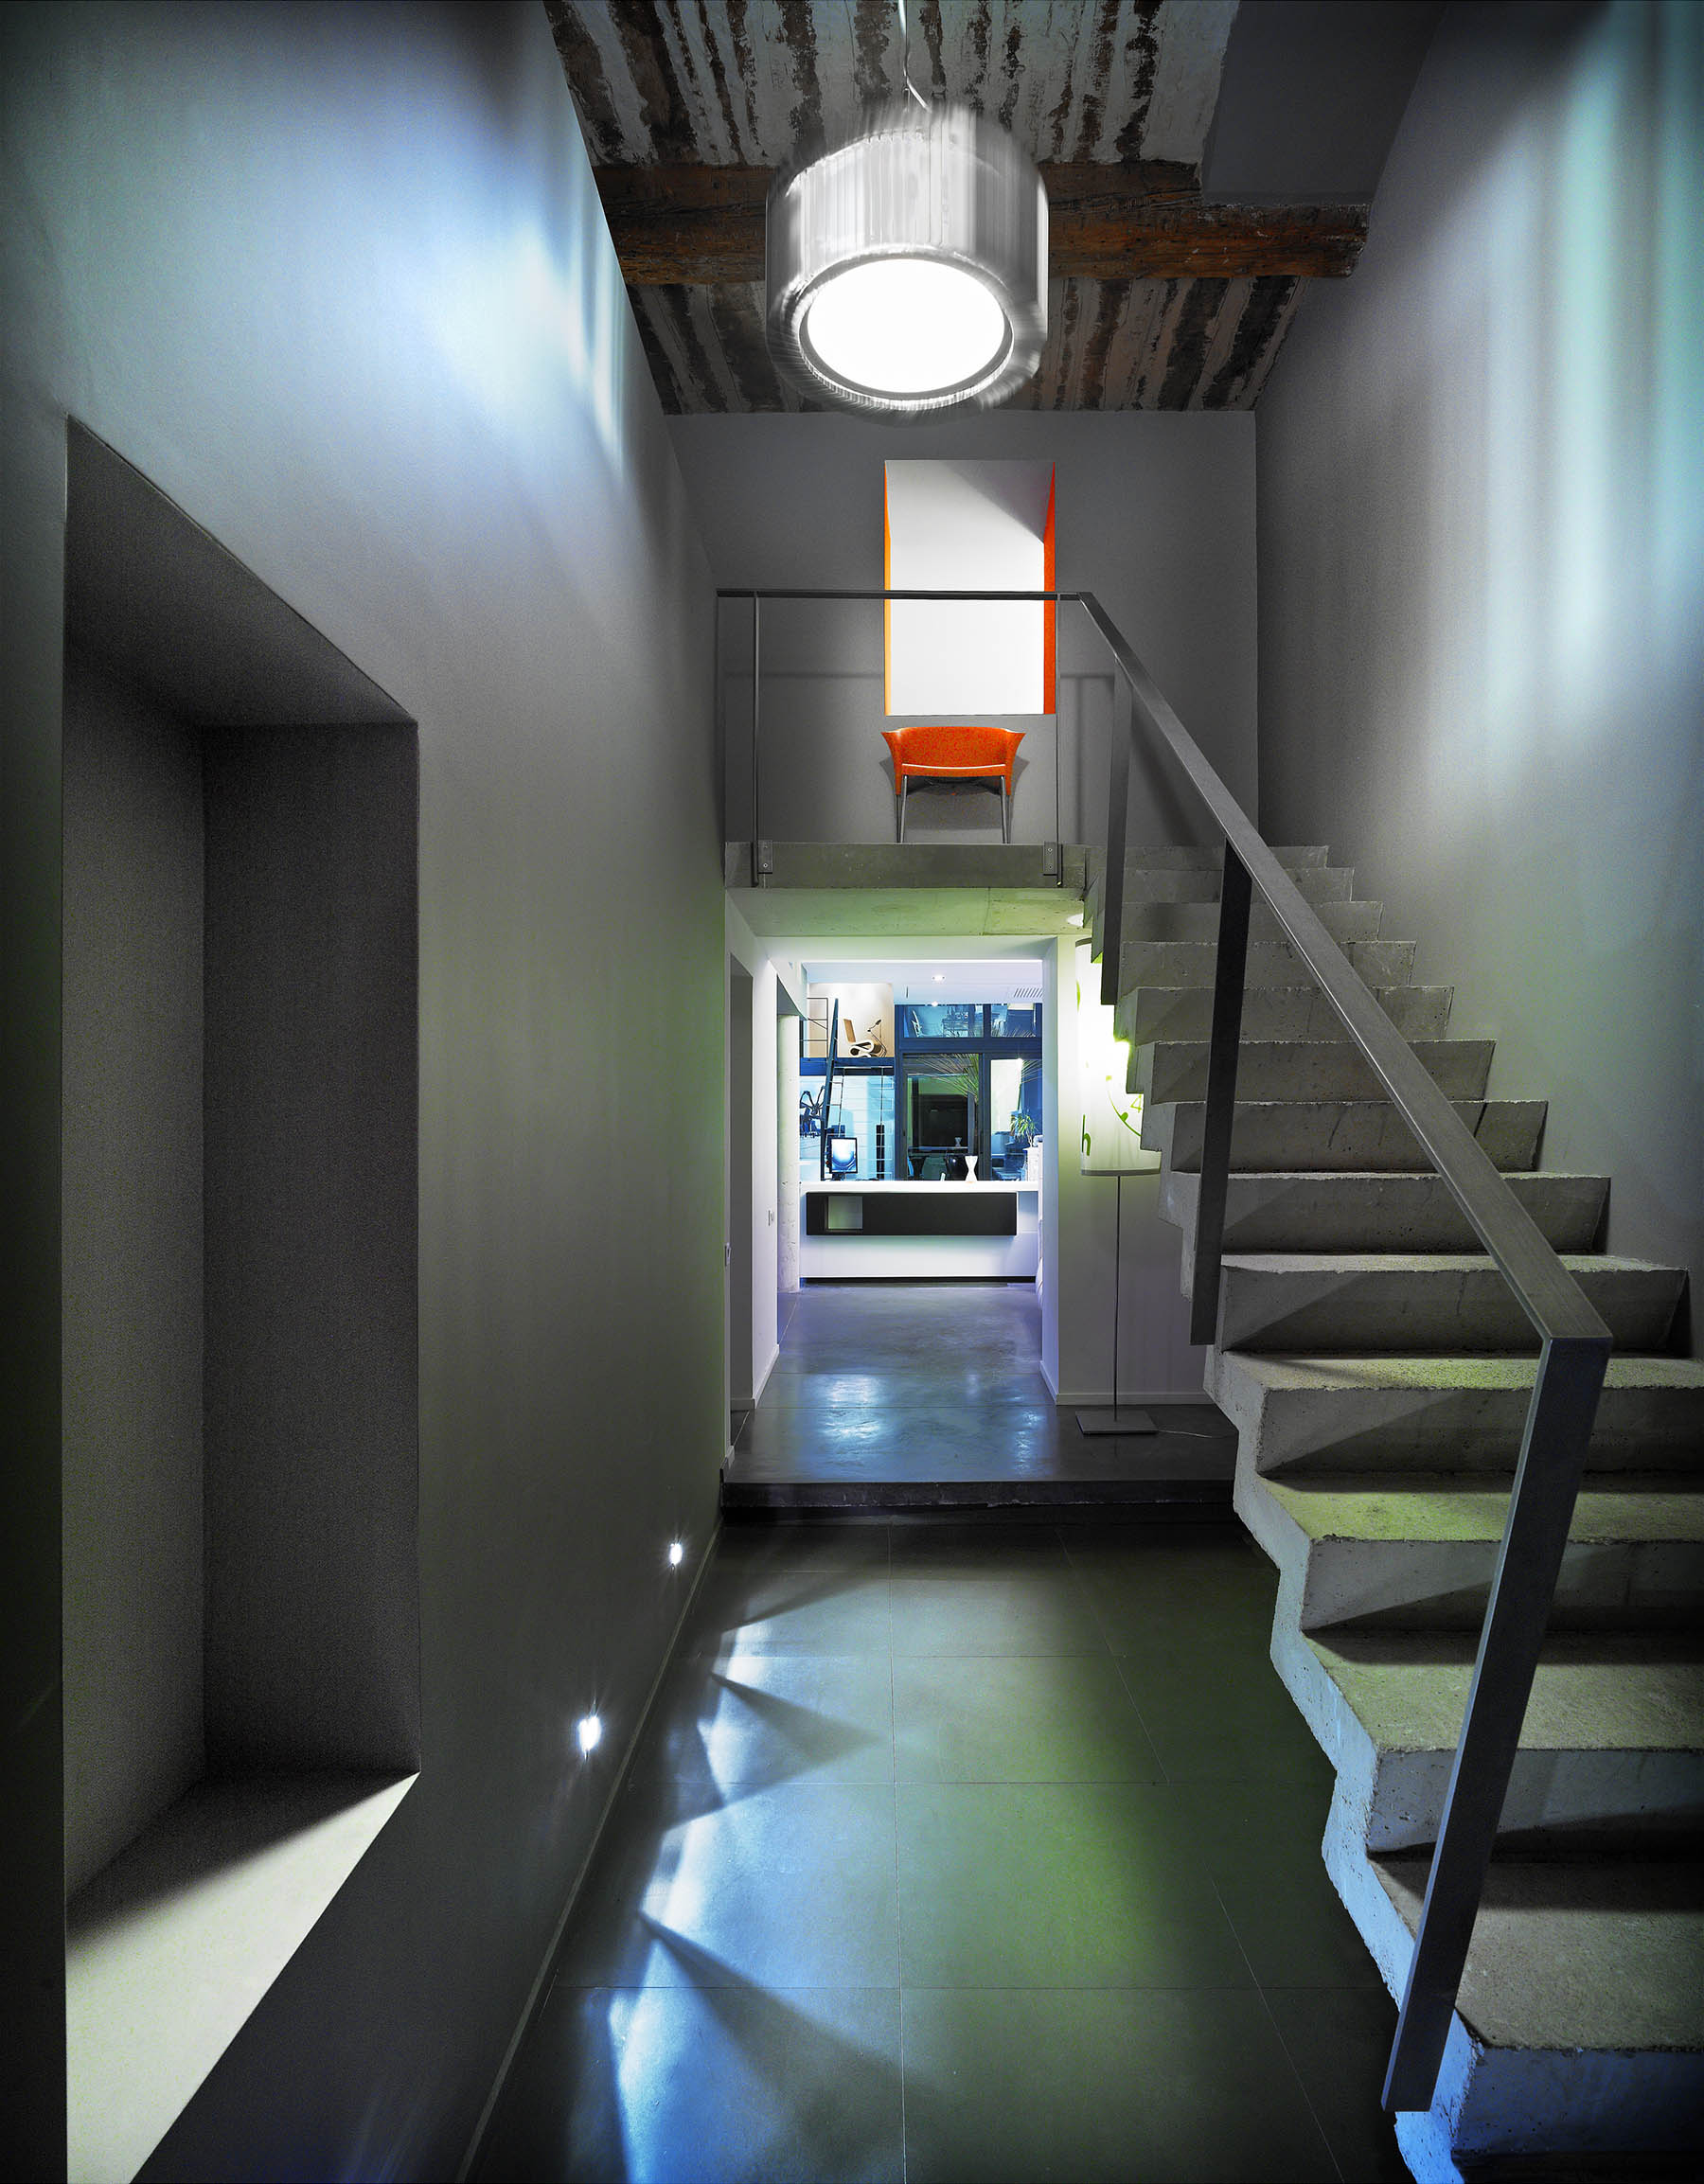 togu-architecture-1.jpg